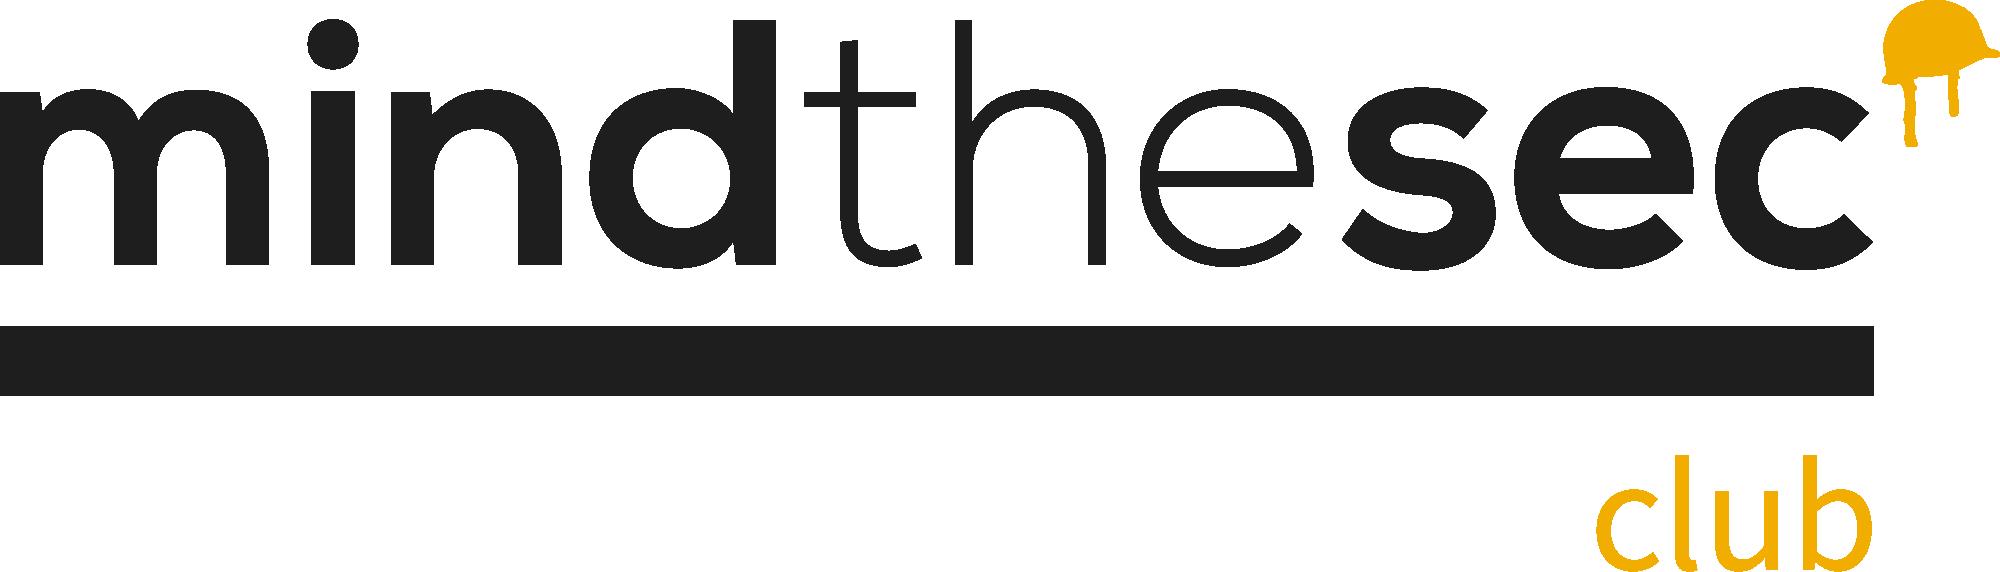 MTS Club logo.png